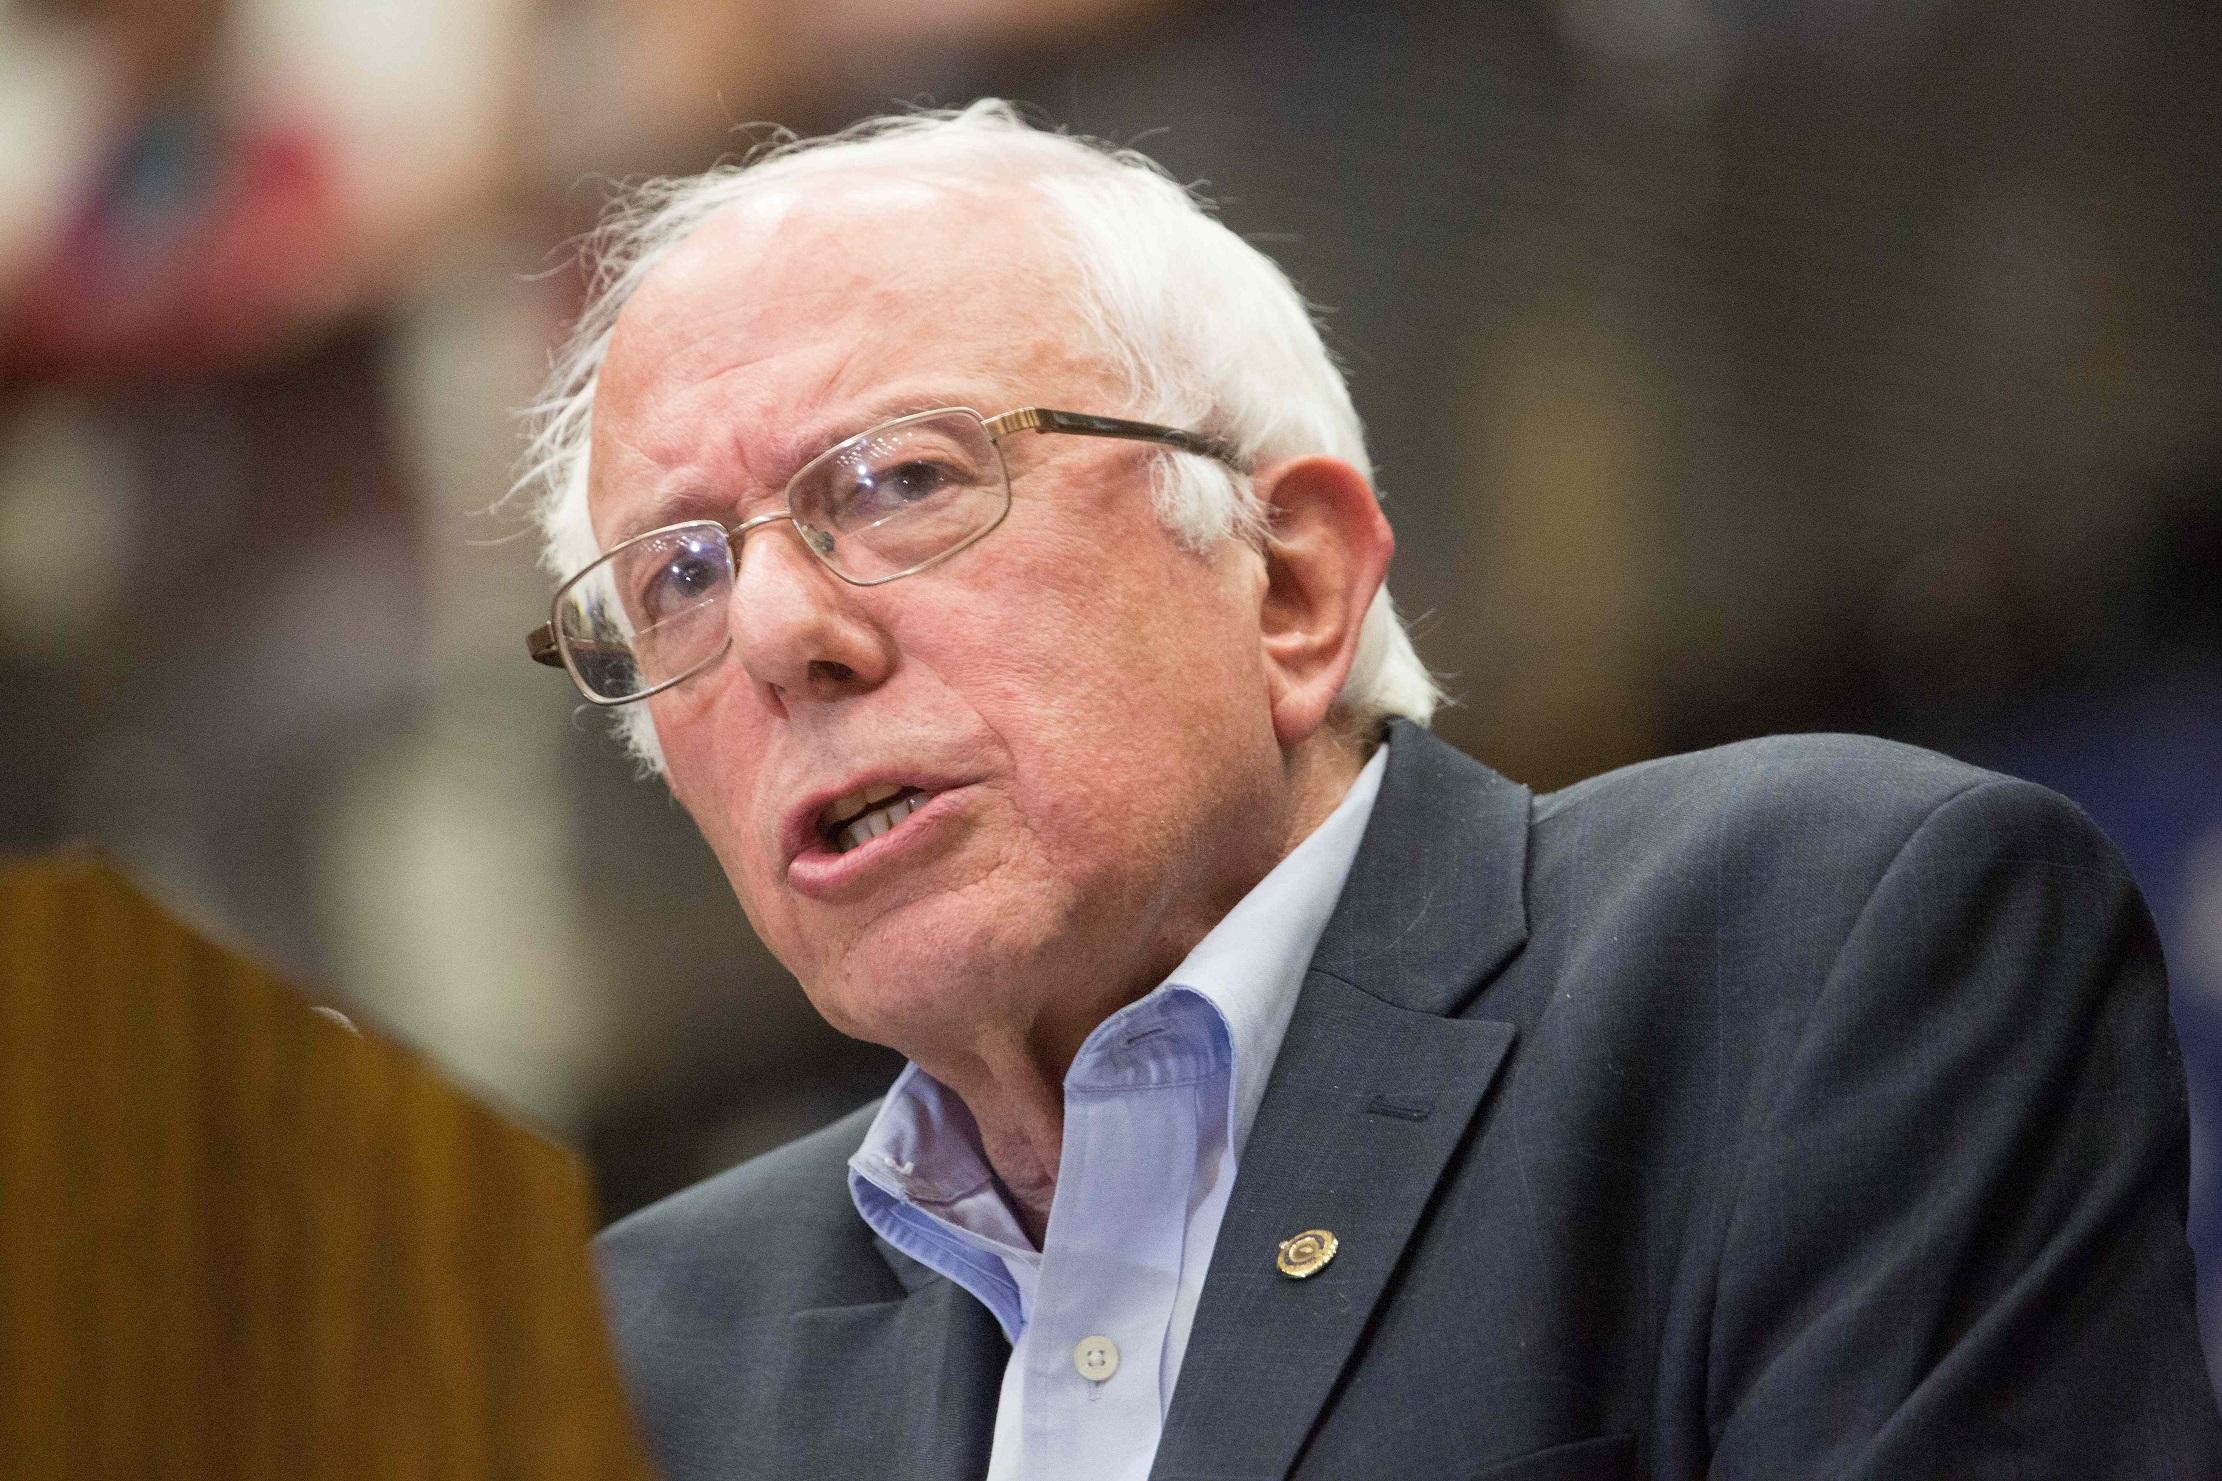 Foto14 Bernie Sanders 002 Plano de Sanders inclui fim do ICE e legalização de indocumentados